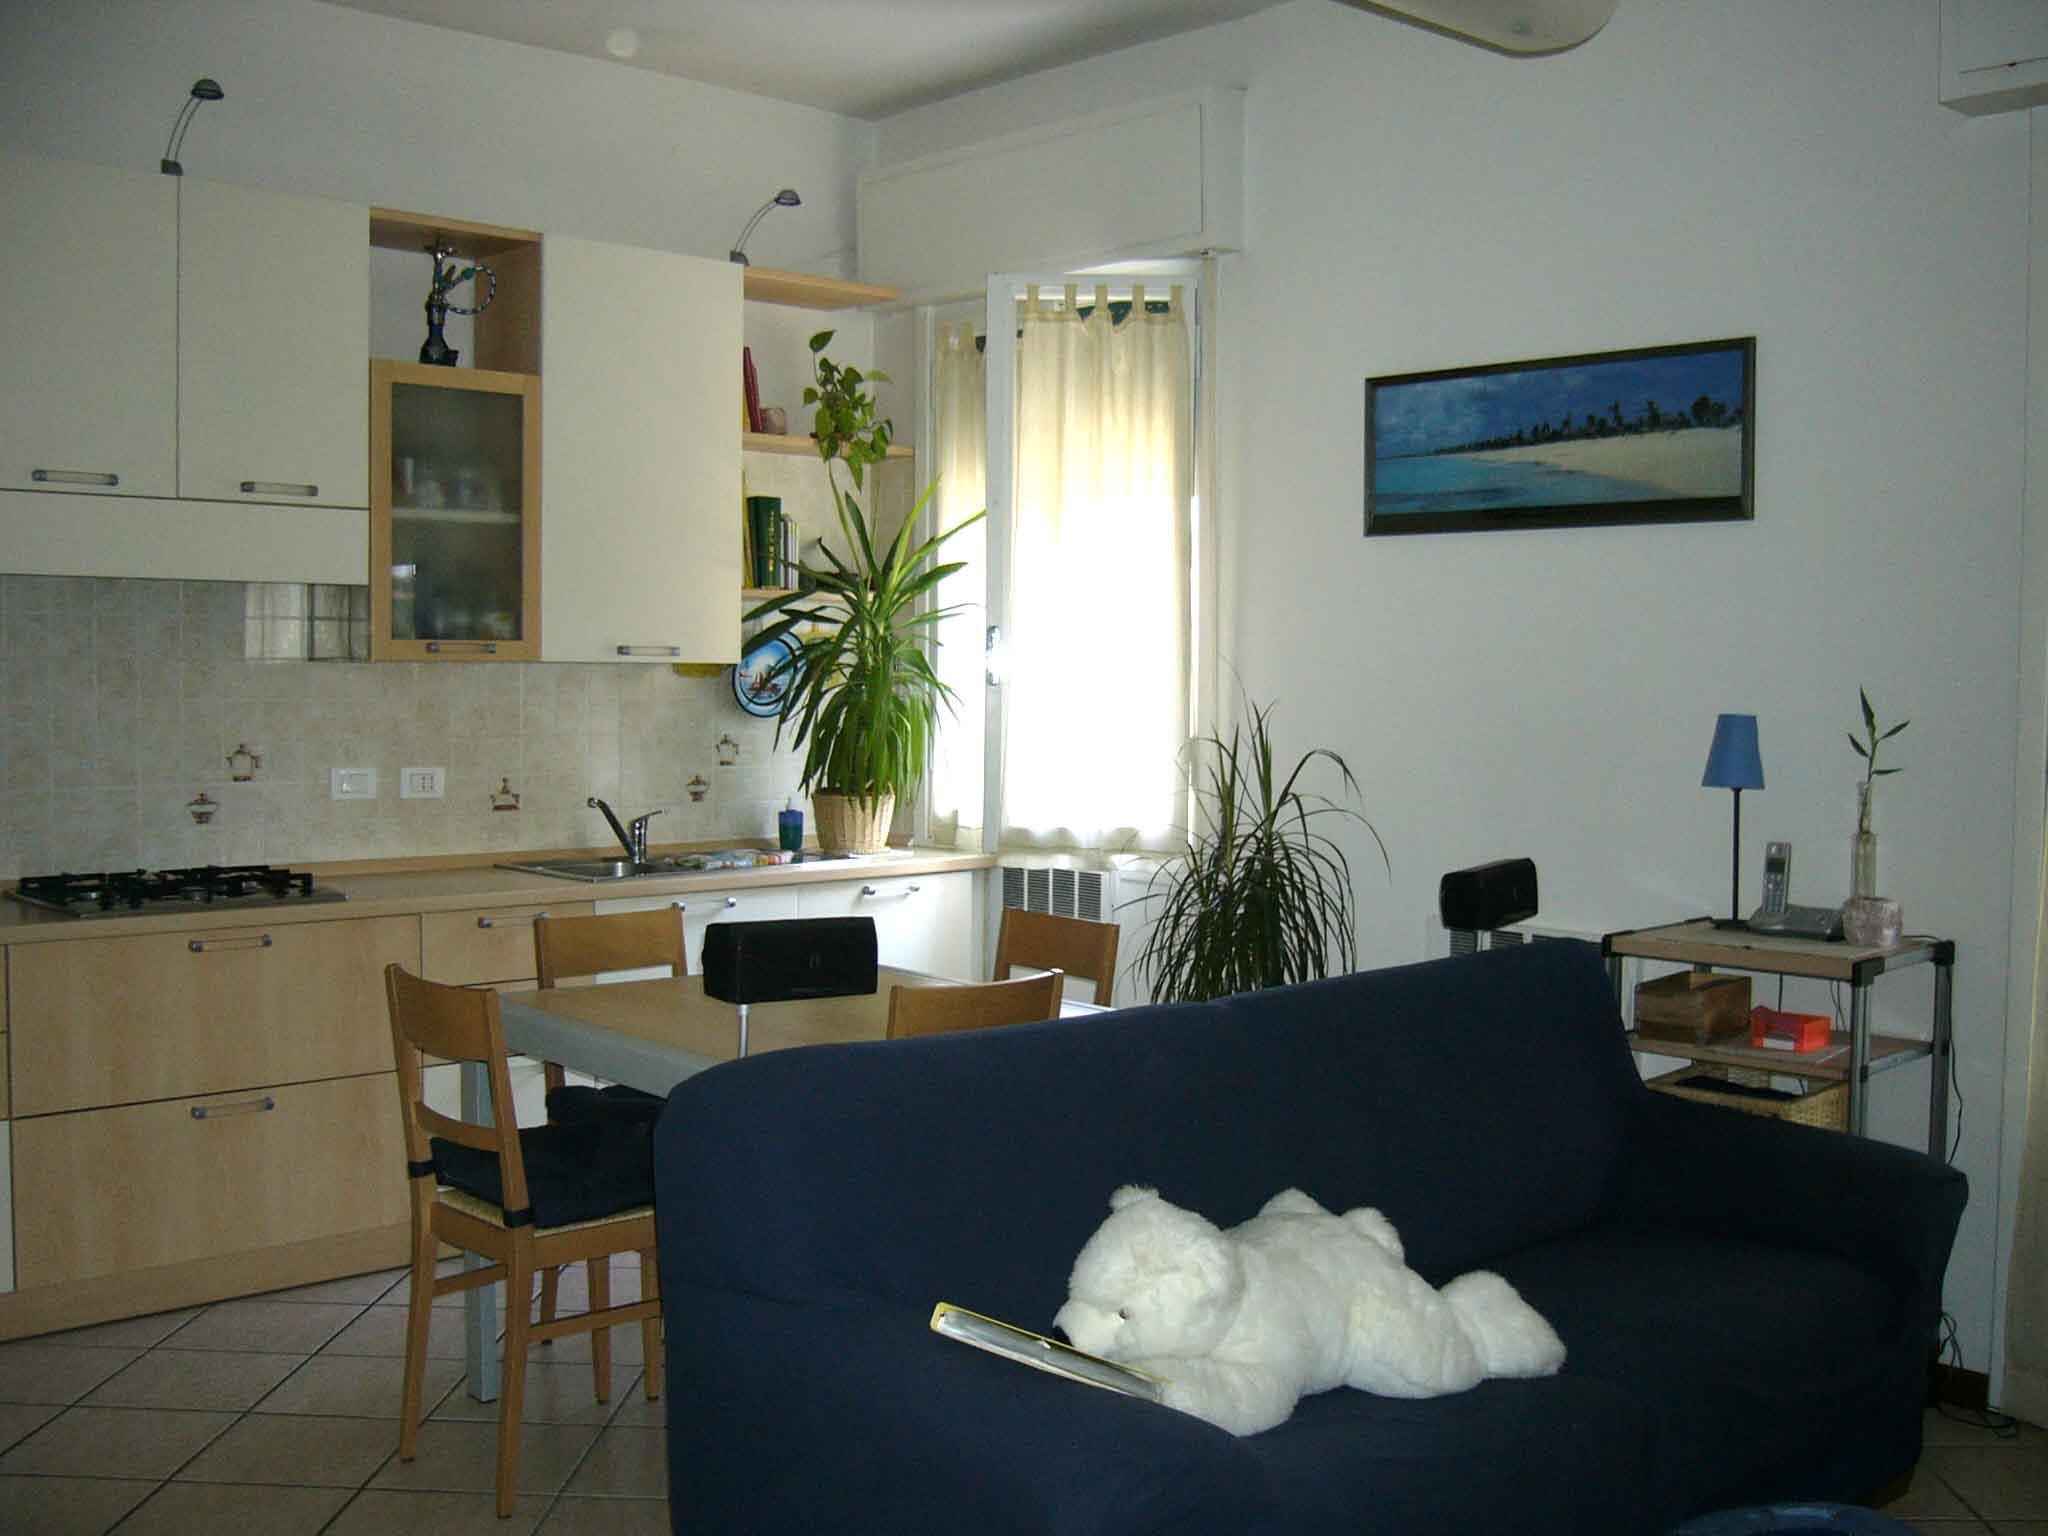 Appartamento arredato affitto breve for Affitto appartamento arredato reggio emilia